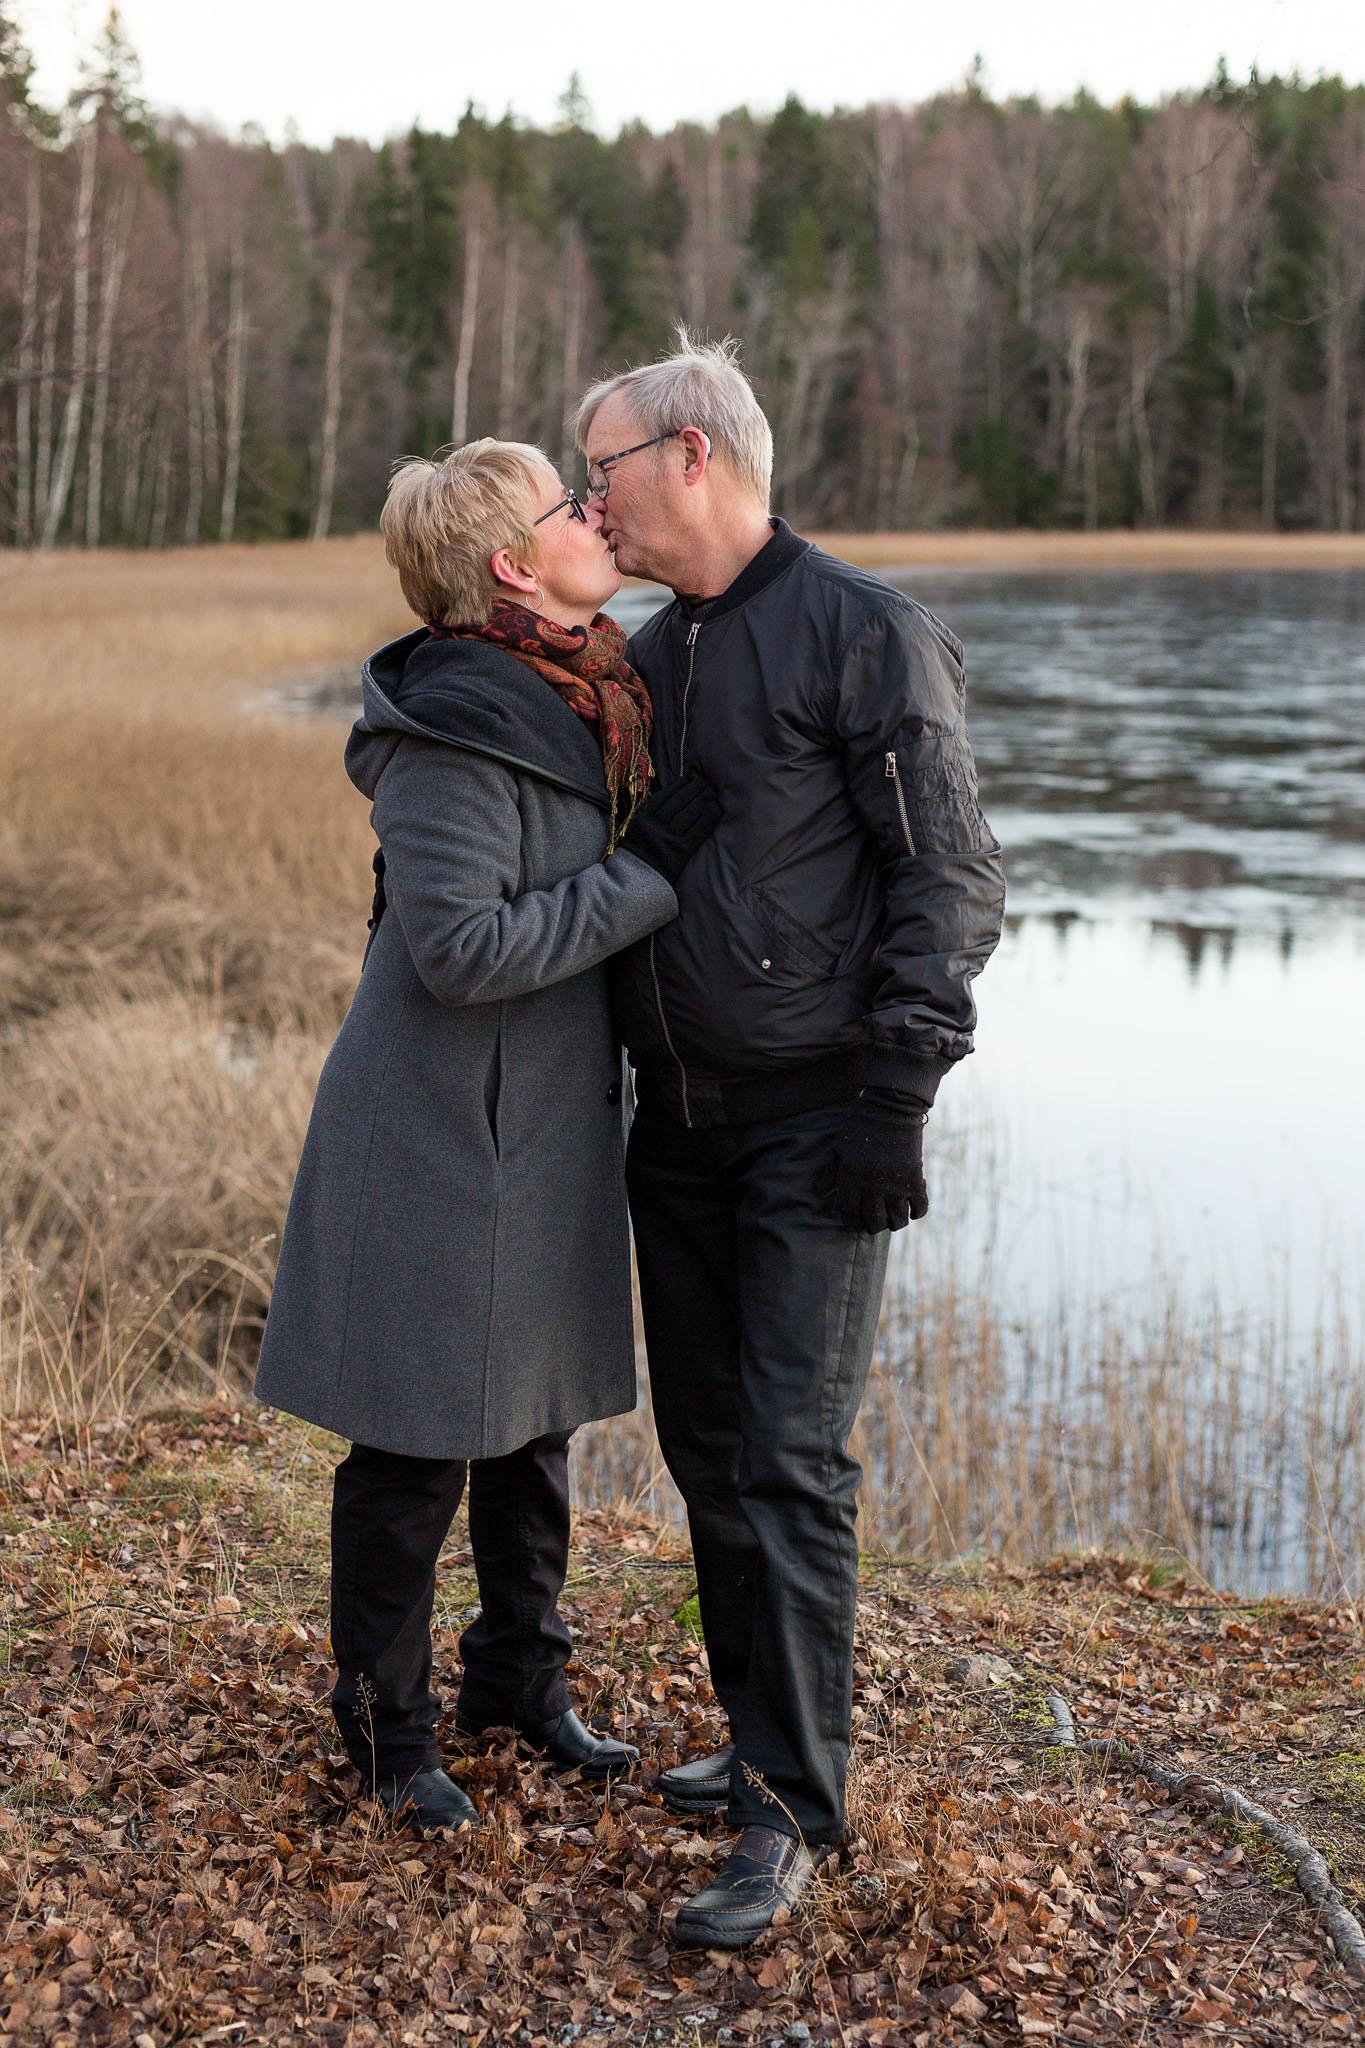 kärlek_fotograf_sabina_wixner_hudiksvall_3.jpg